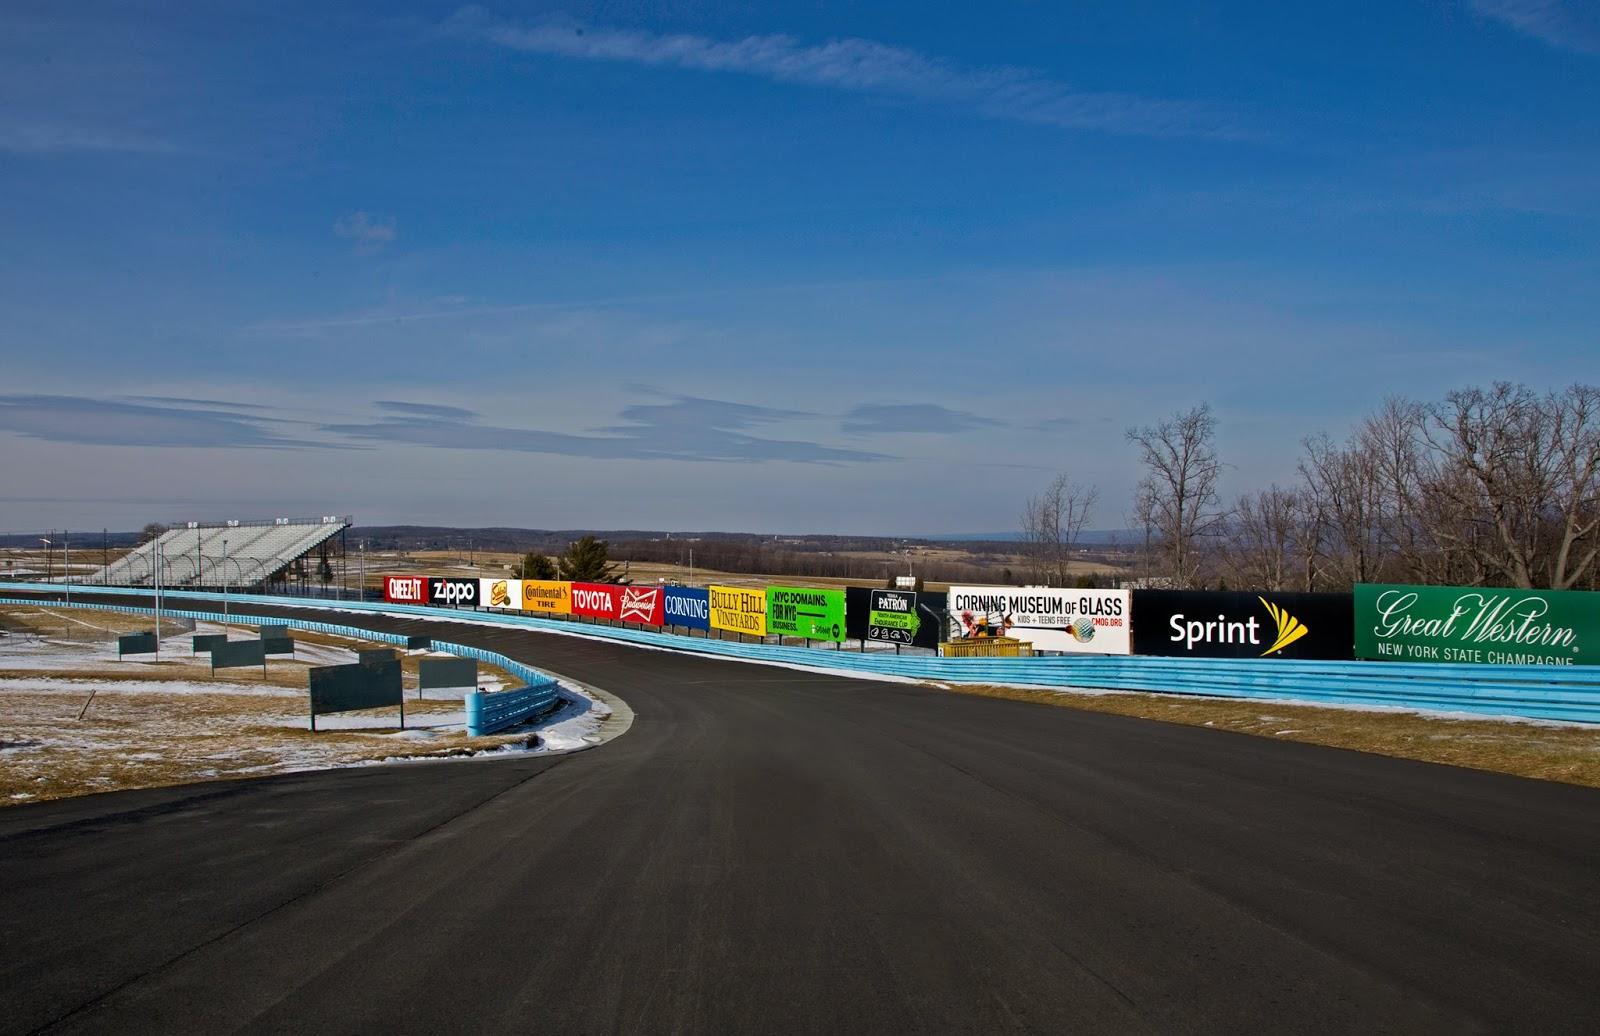 Circuito Watkins Glen : Will there be formula at watkins glen this year the